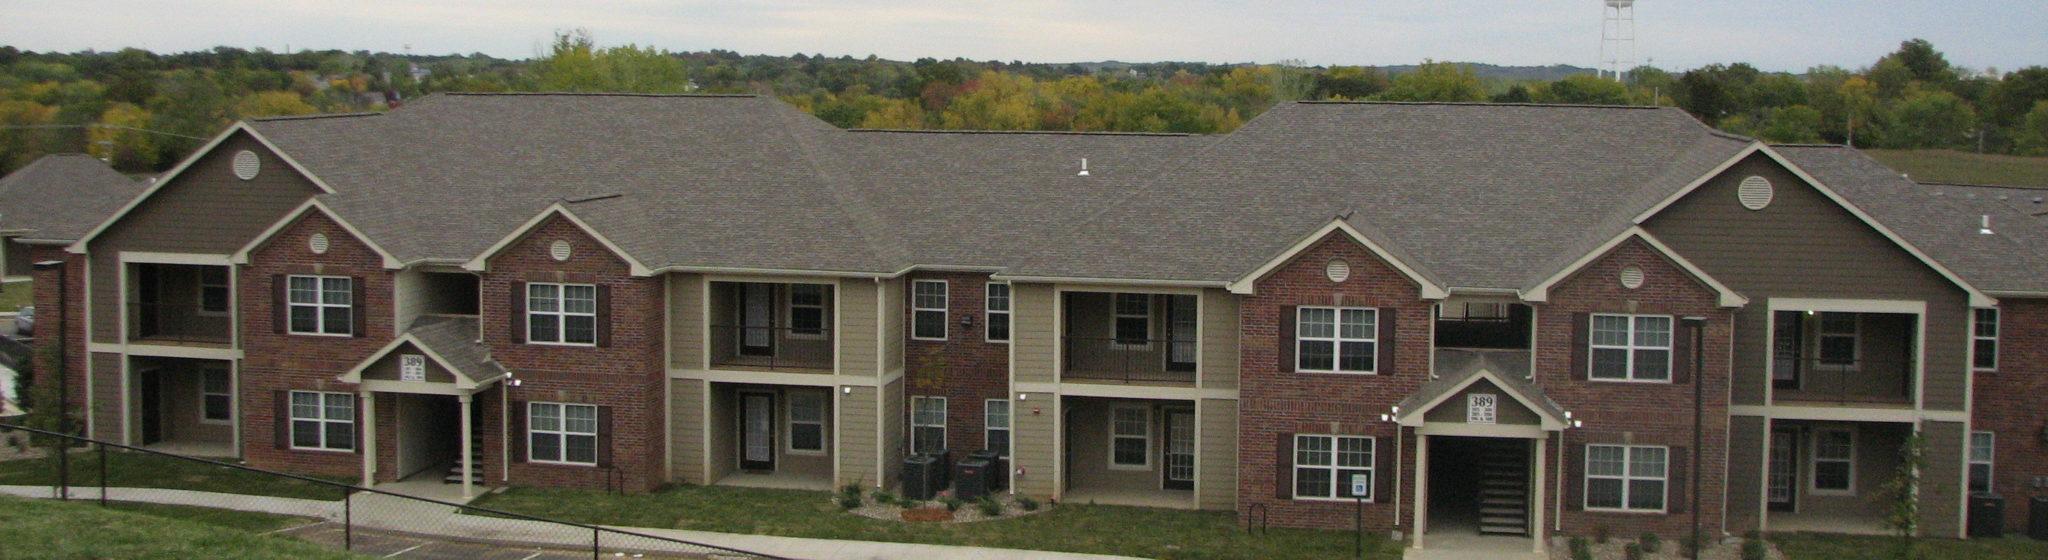 Covington Woods Lansing, KS Building far away